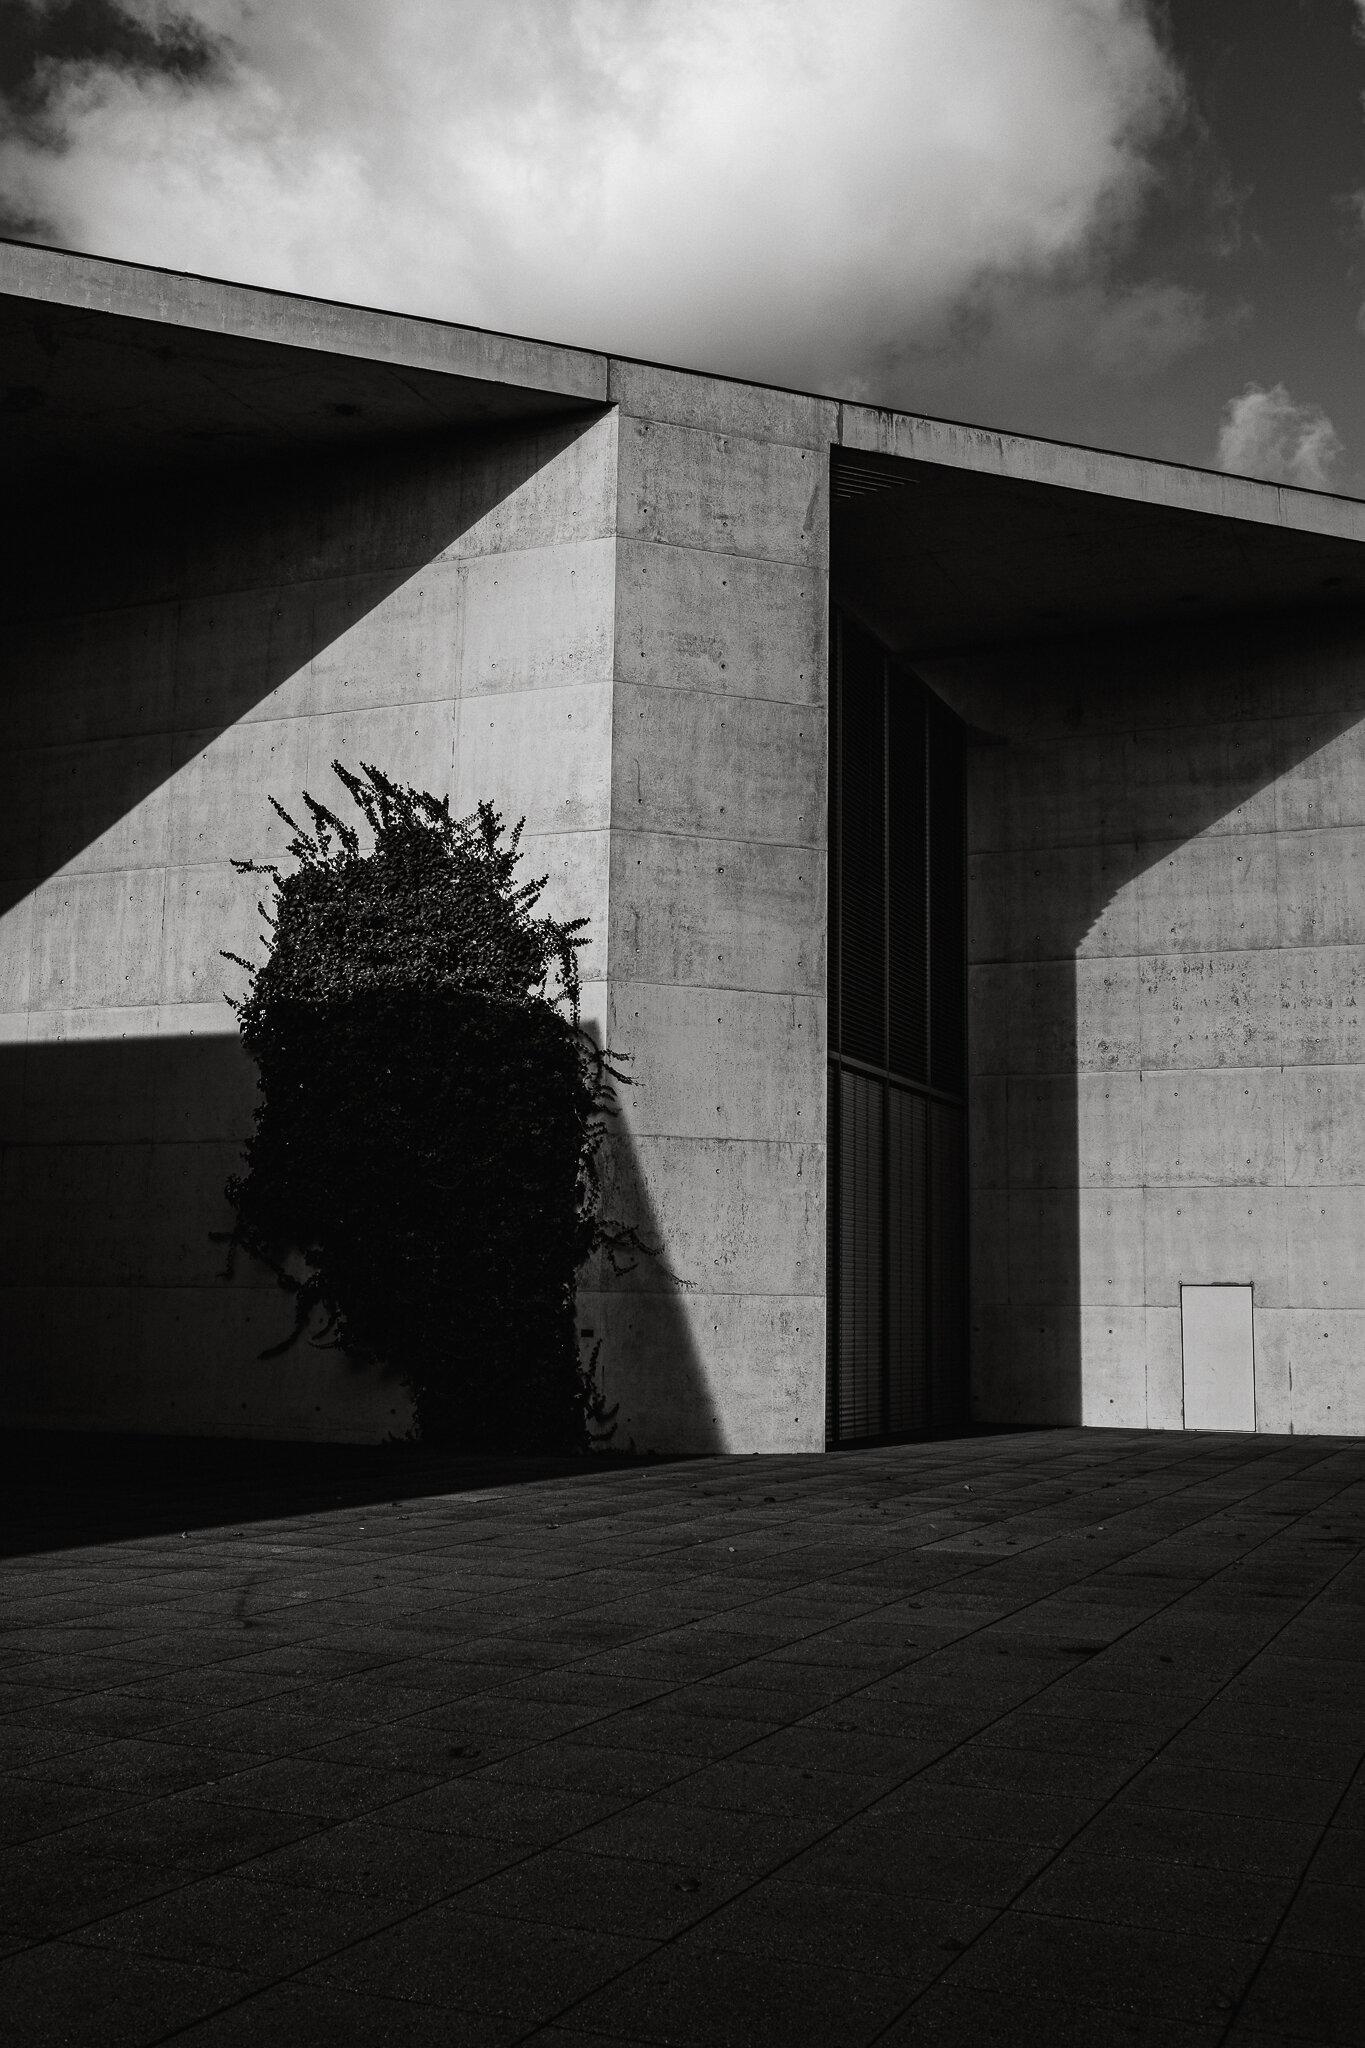 Bonn Kunstmuseum, Oliver Döll , Oliver Döll Fotograf , Oliver Döll Andernach , Fotograf aus Andernach , Fotograf Andernach , Fotograf in Andernach , Andernach Fotograf , Fotografie